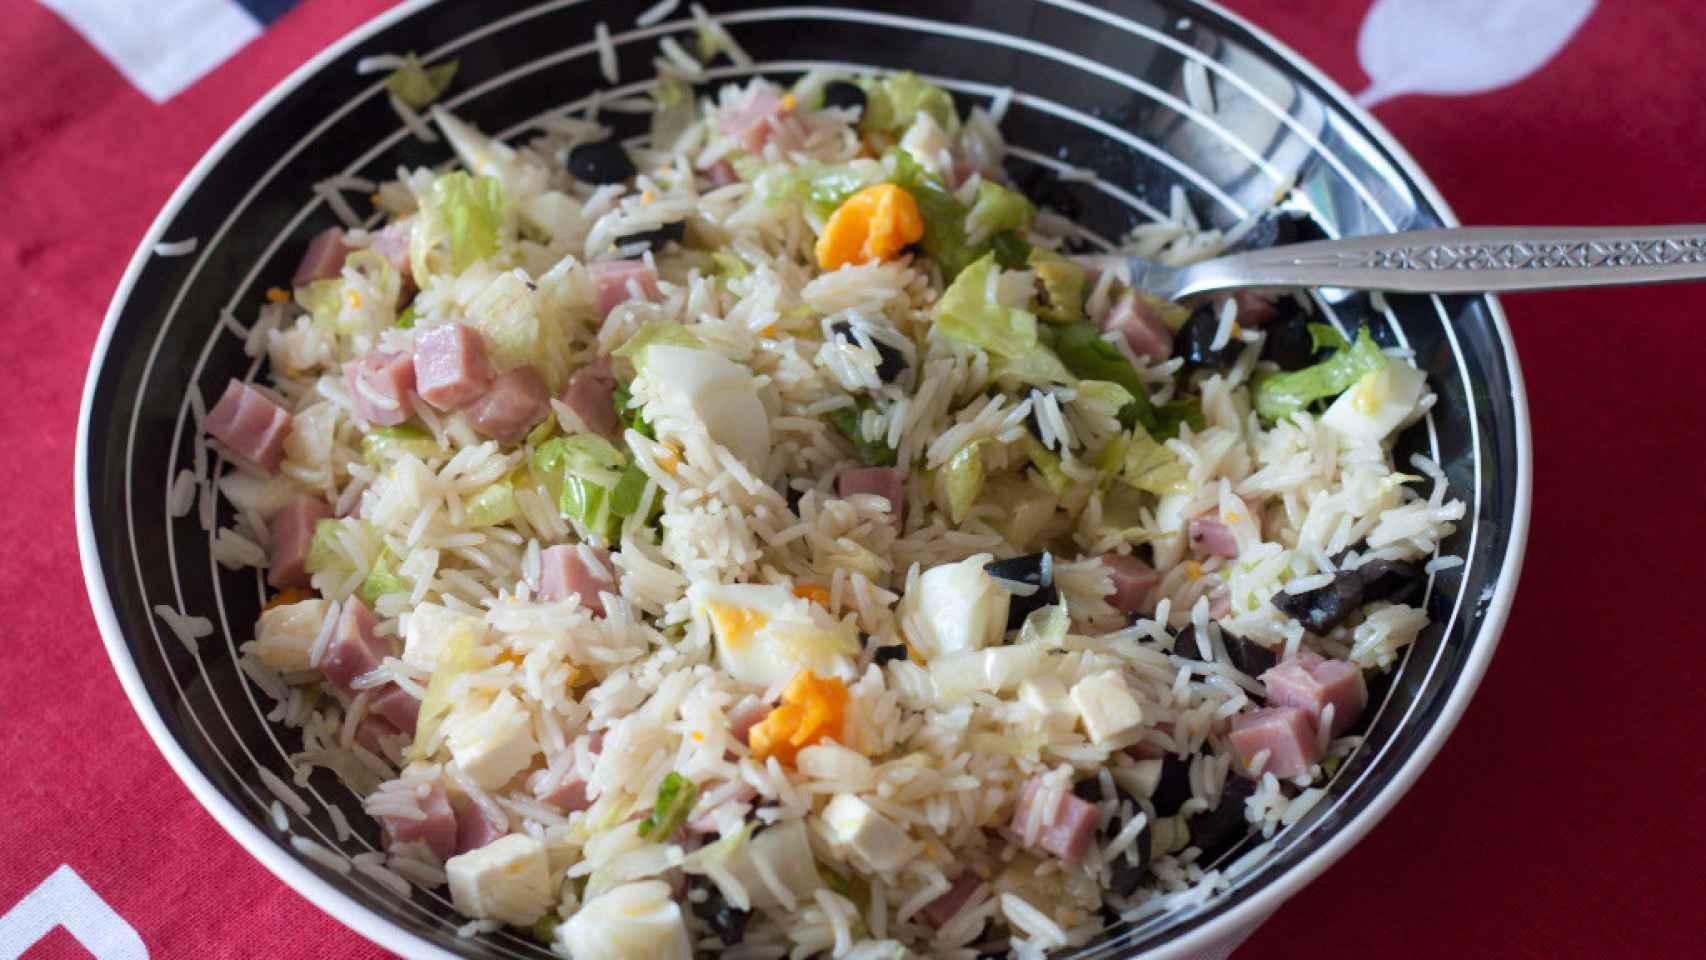 Ensalada_arroz_12